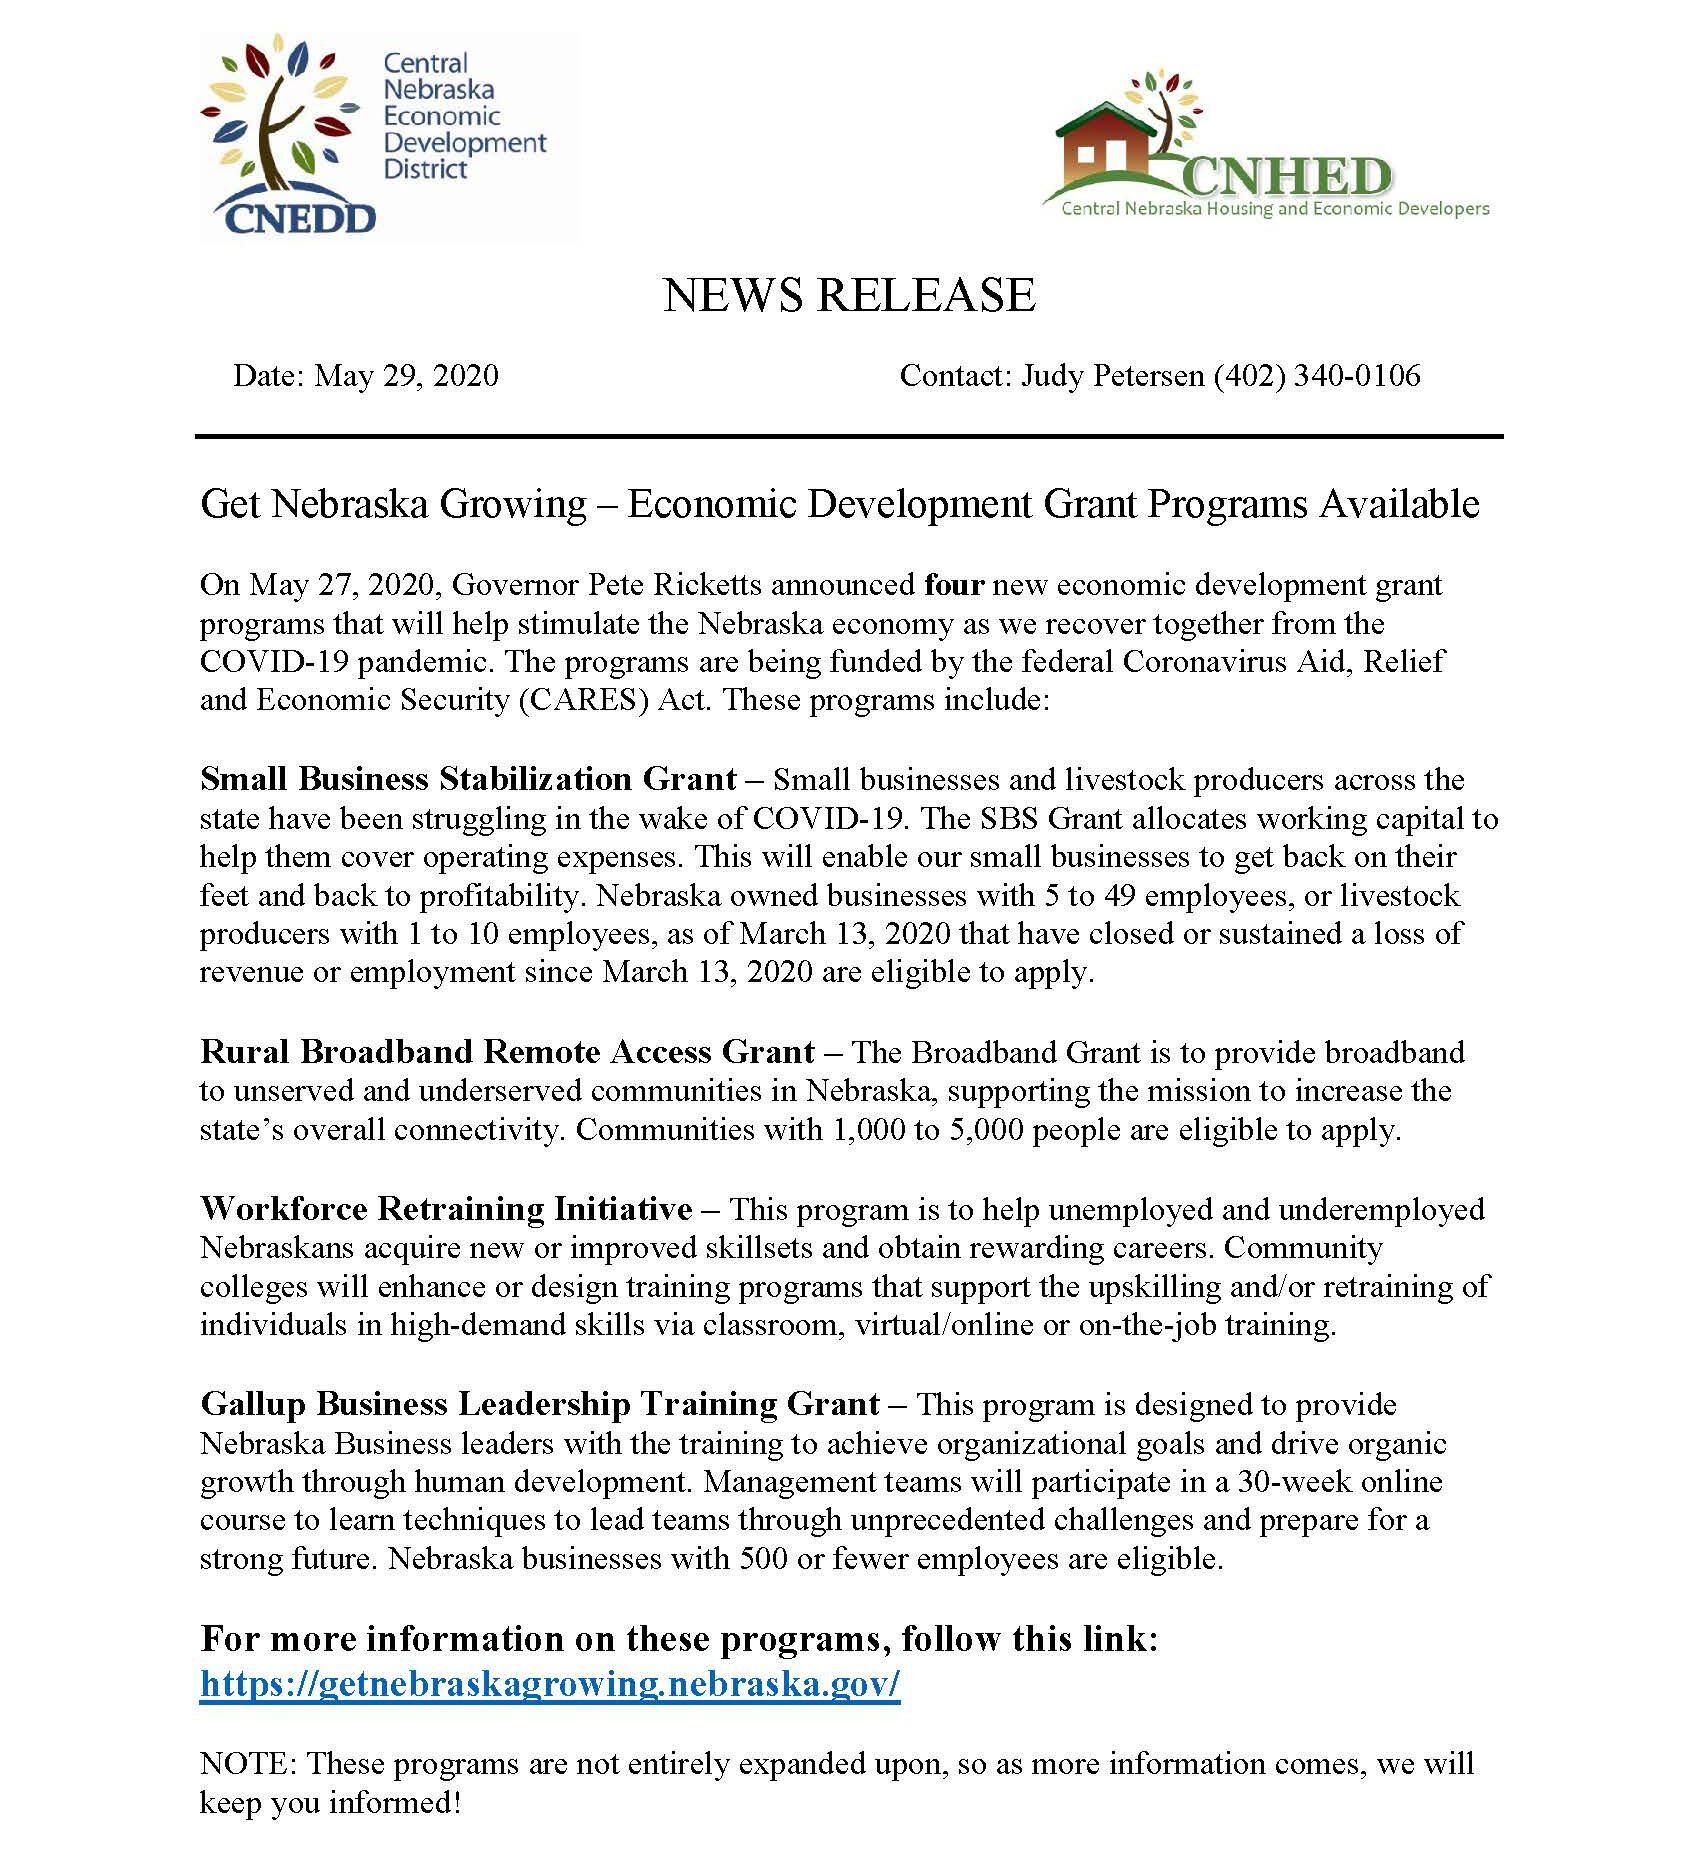 Get Nebraska Growing News Release